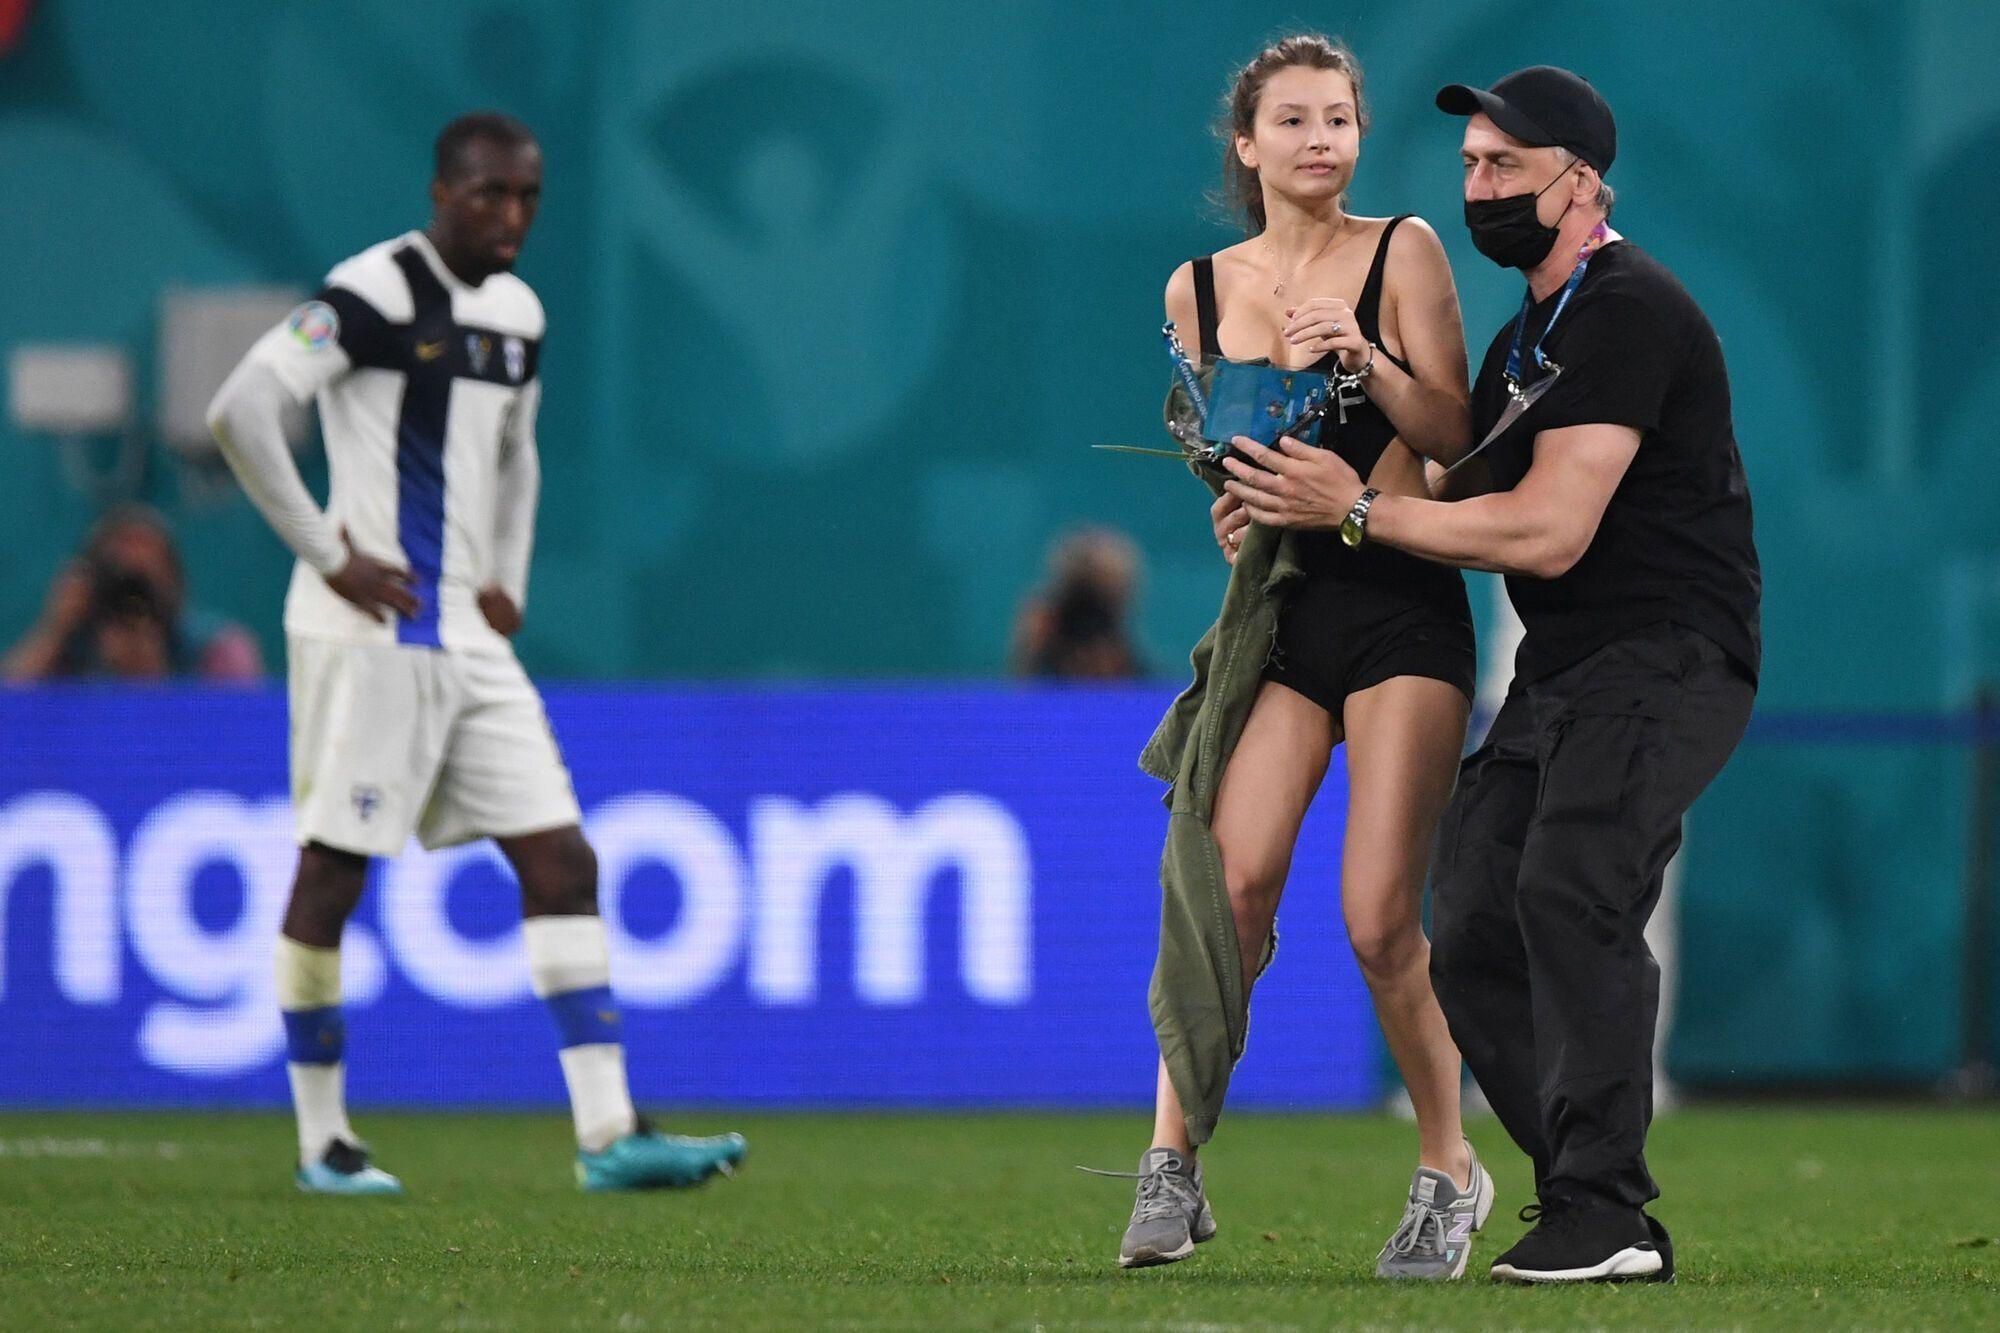 Дівчина вибігла на стадіон